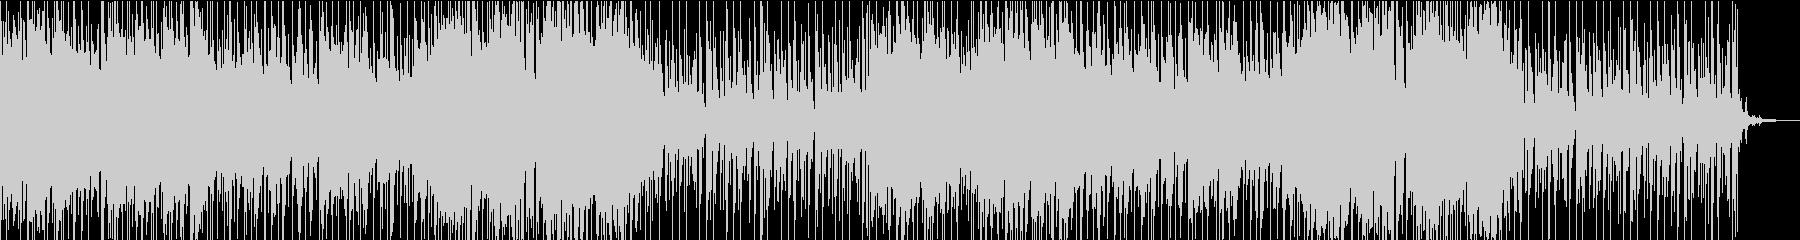 映像向けバラードBGMの未再生の波形